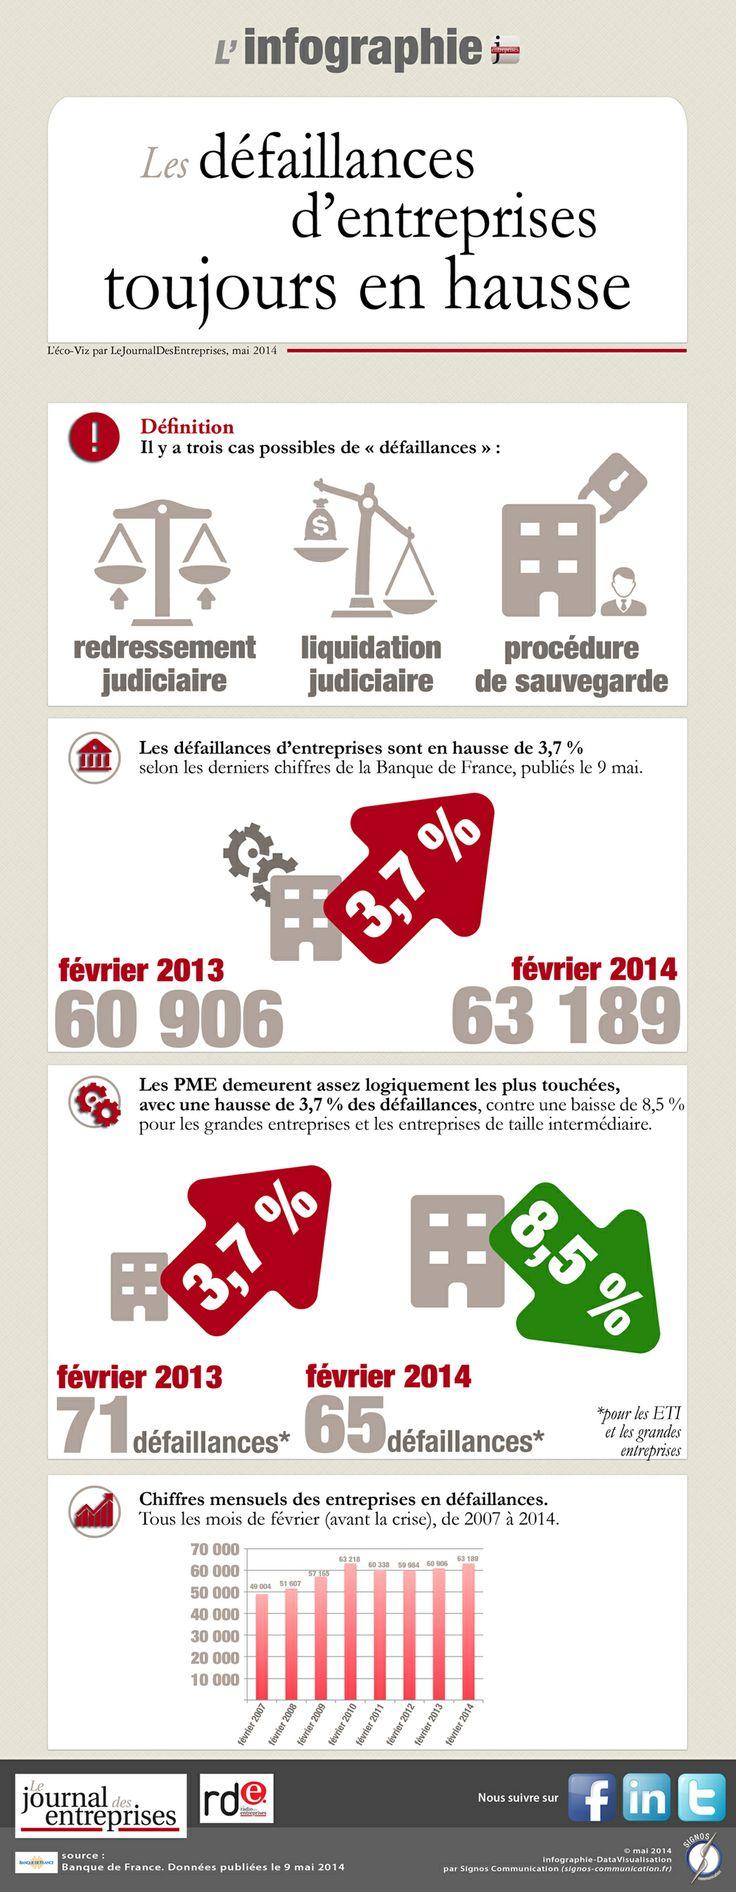 """Infographie pour """"le Journal des Entreprises"""" - mai 2014.    http://www.lejournaldesentreprises.com/national/l-eco-en-chiffres-les-defaillances-d-entreprises-toujours-en-hausse-16-05-2014-224801.php"""